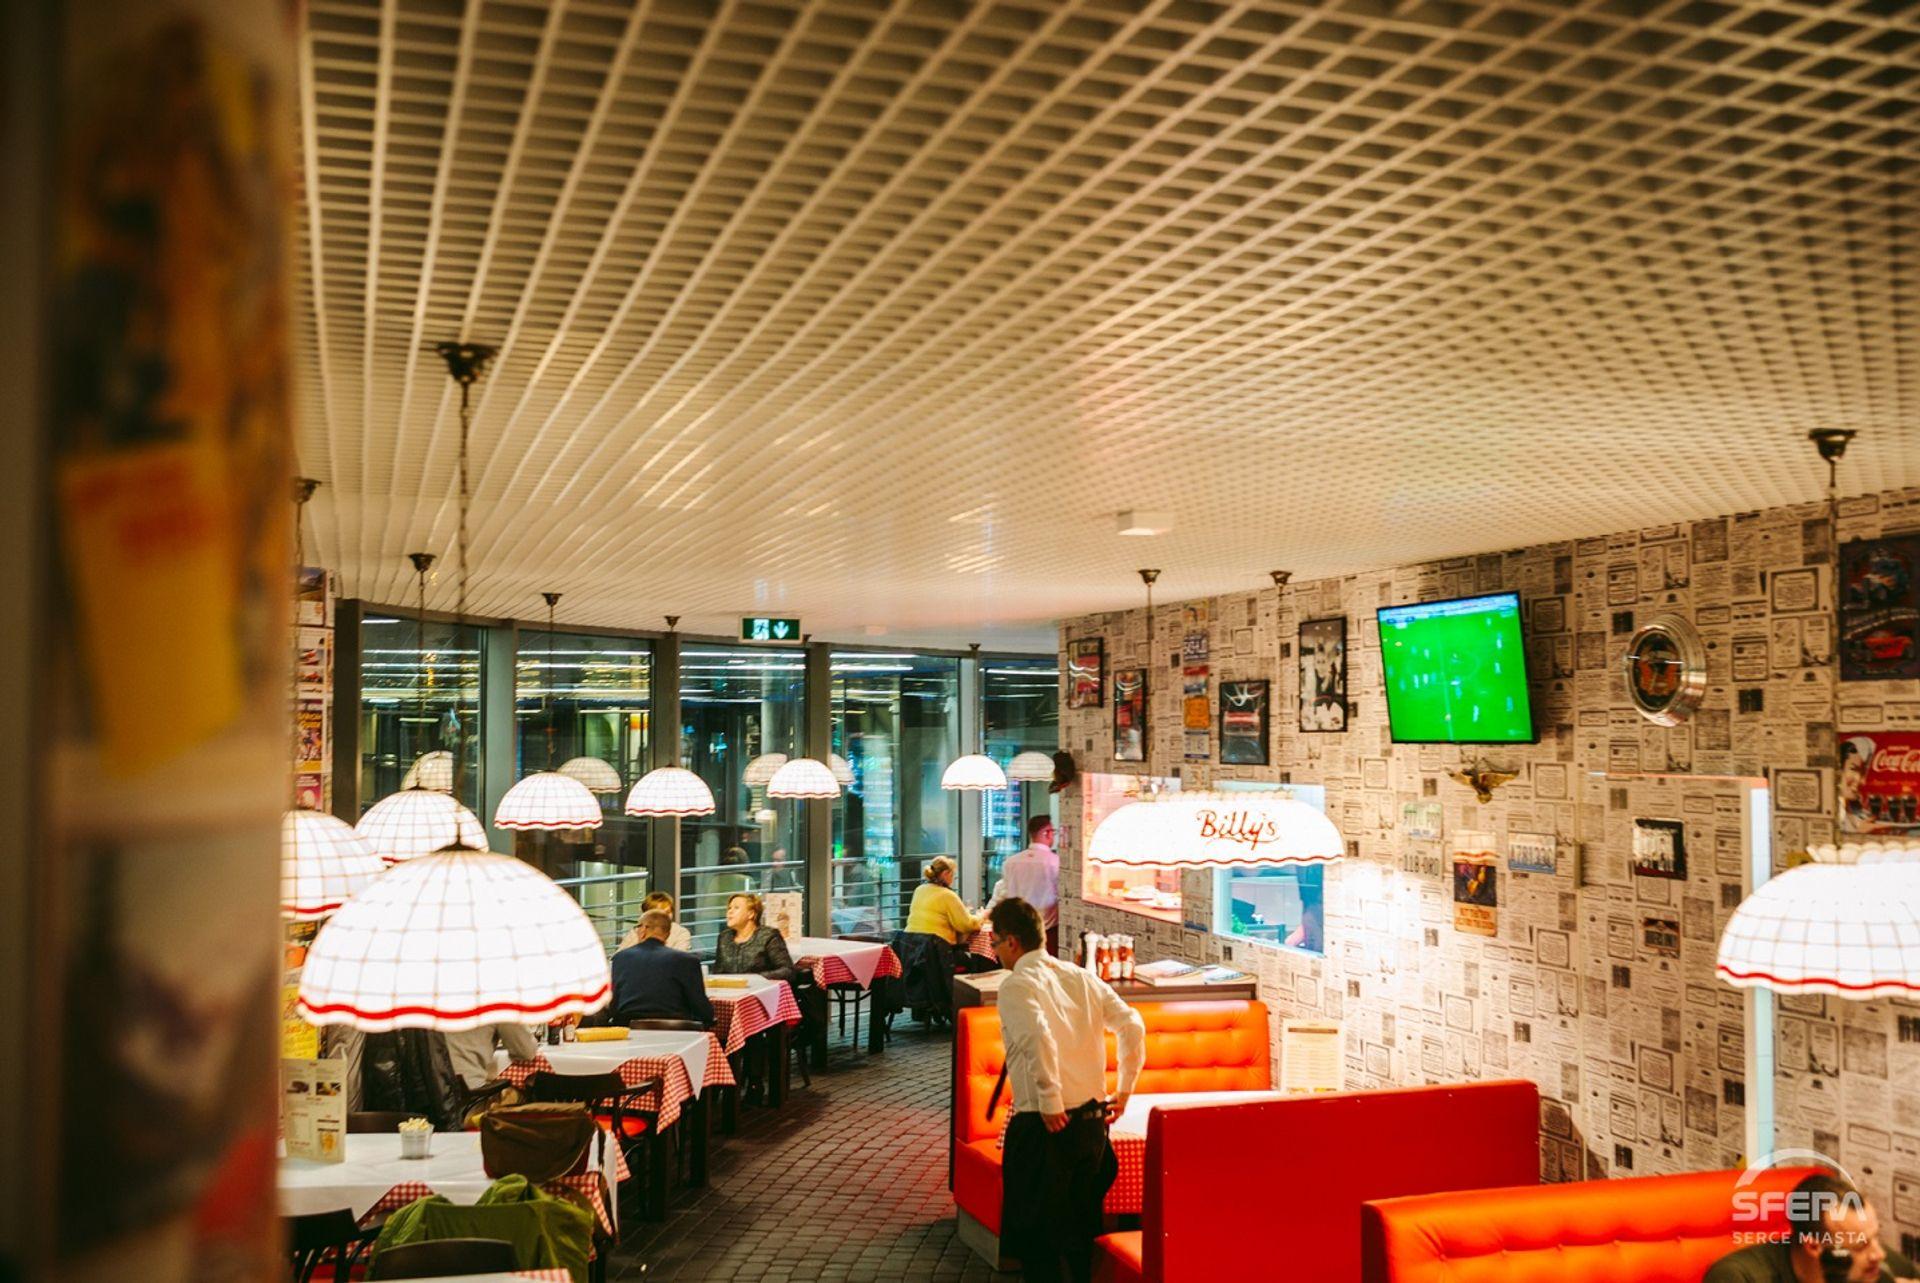 [śląskie] Nowa restauracja pod dachem galerii Sfera w Bielsku-Białej